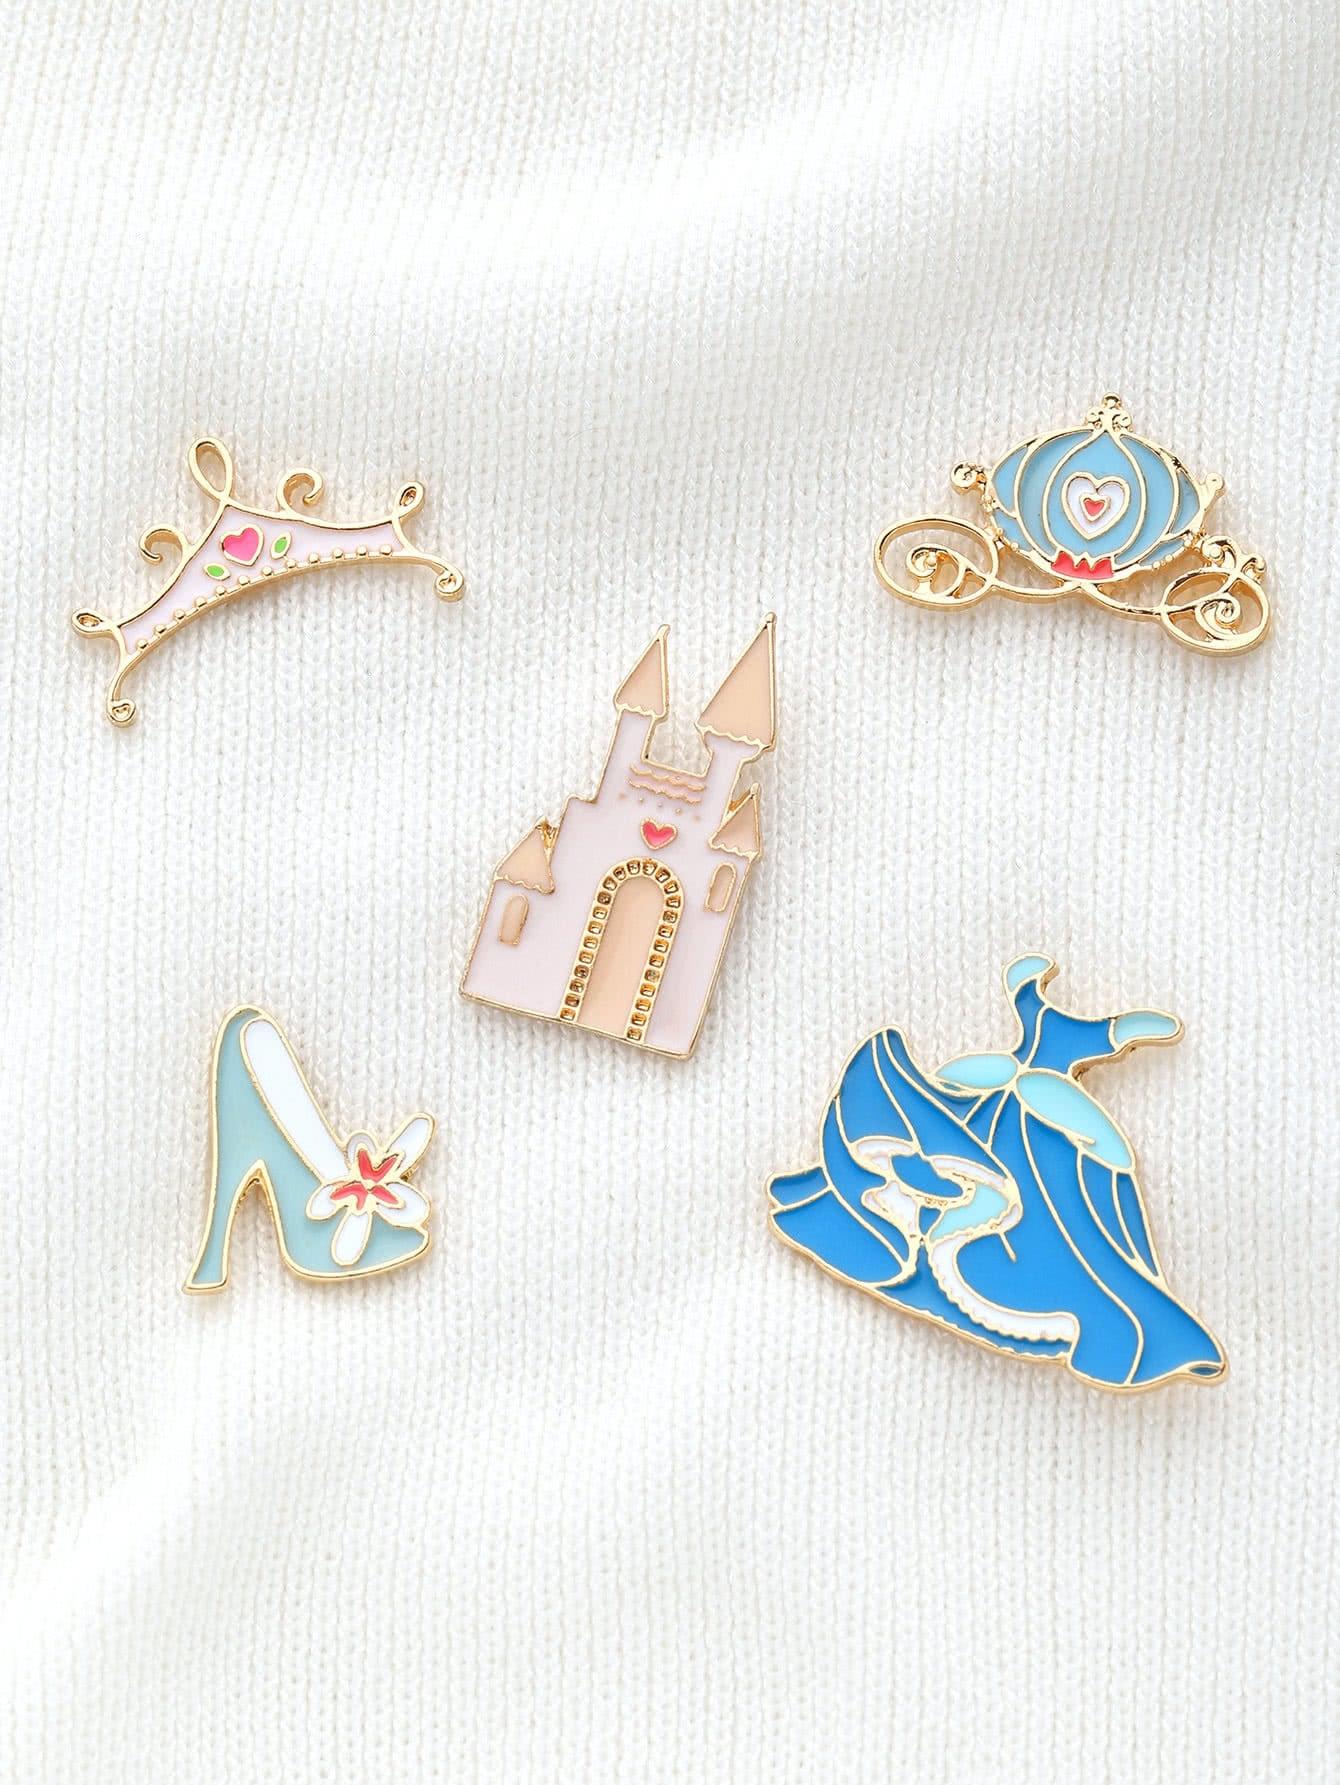 Crown & Shoes Design Brooch Set